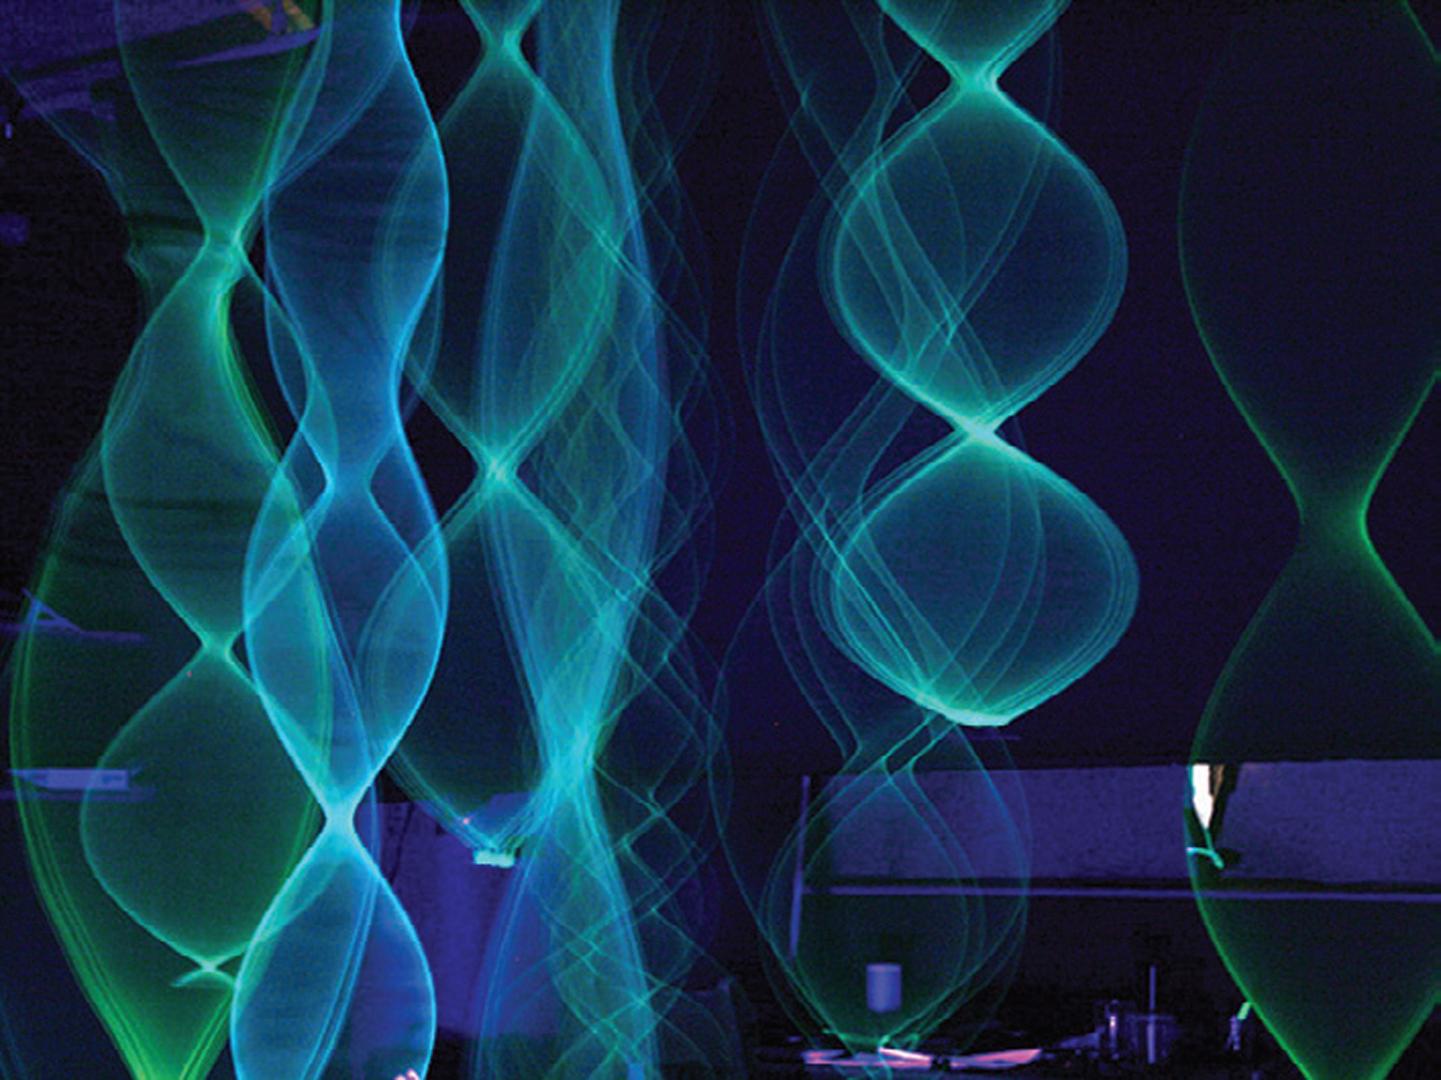 ©2012 – ongoing, Patrick Henri Harrop, Vortical Filament